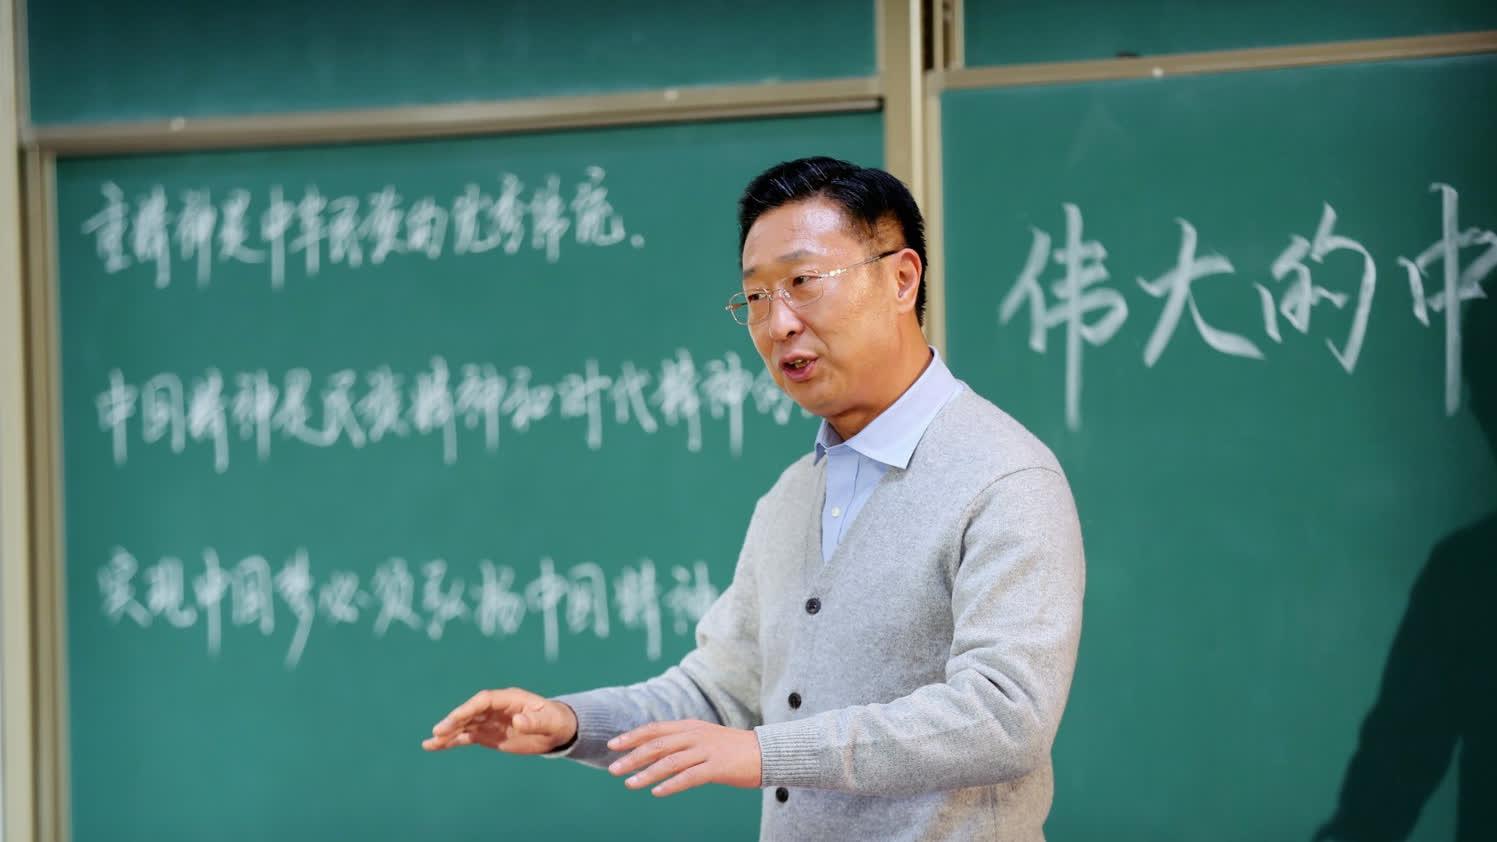 【守望青春】曝光终极预告 细数那些年与老师同在的青春岁月